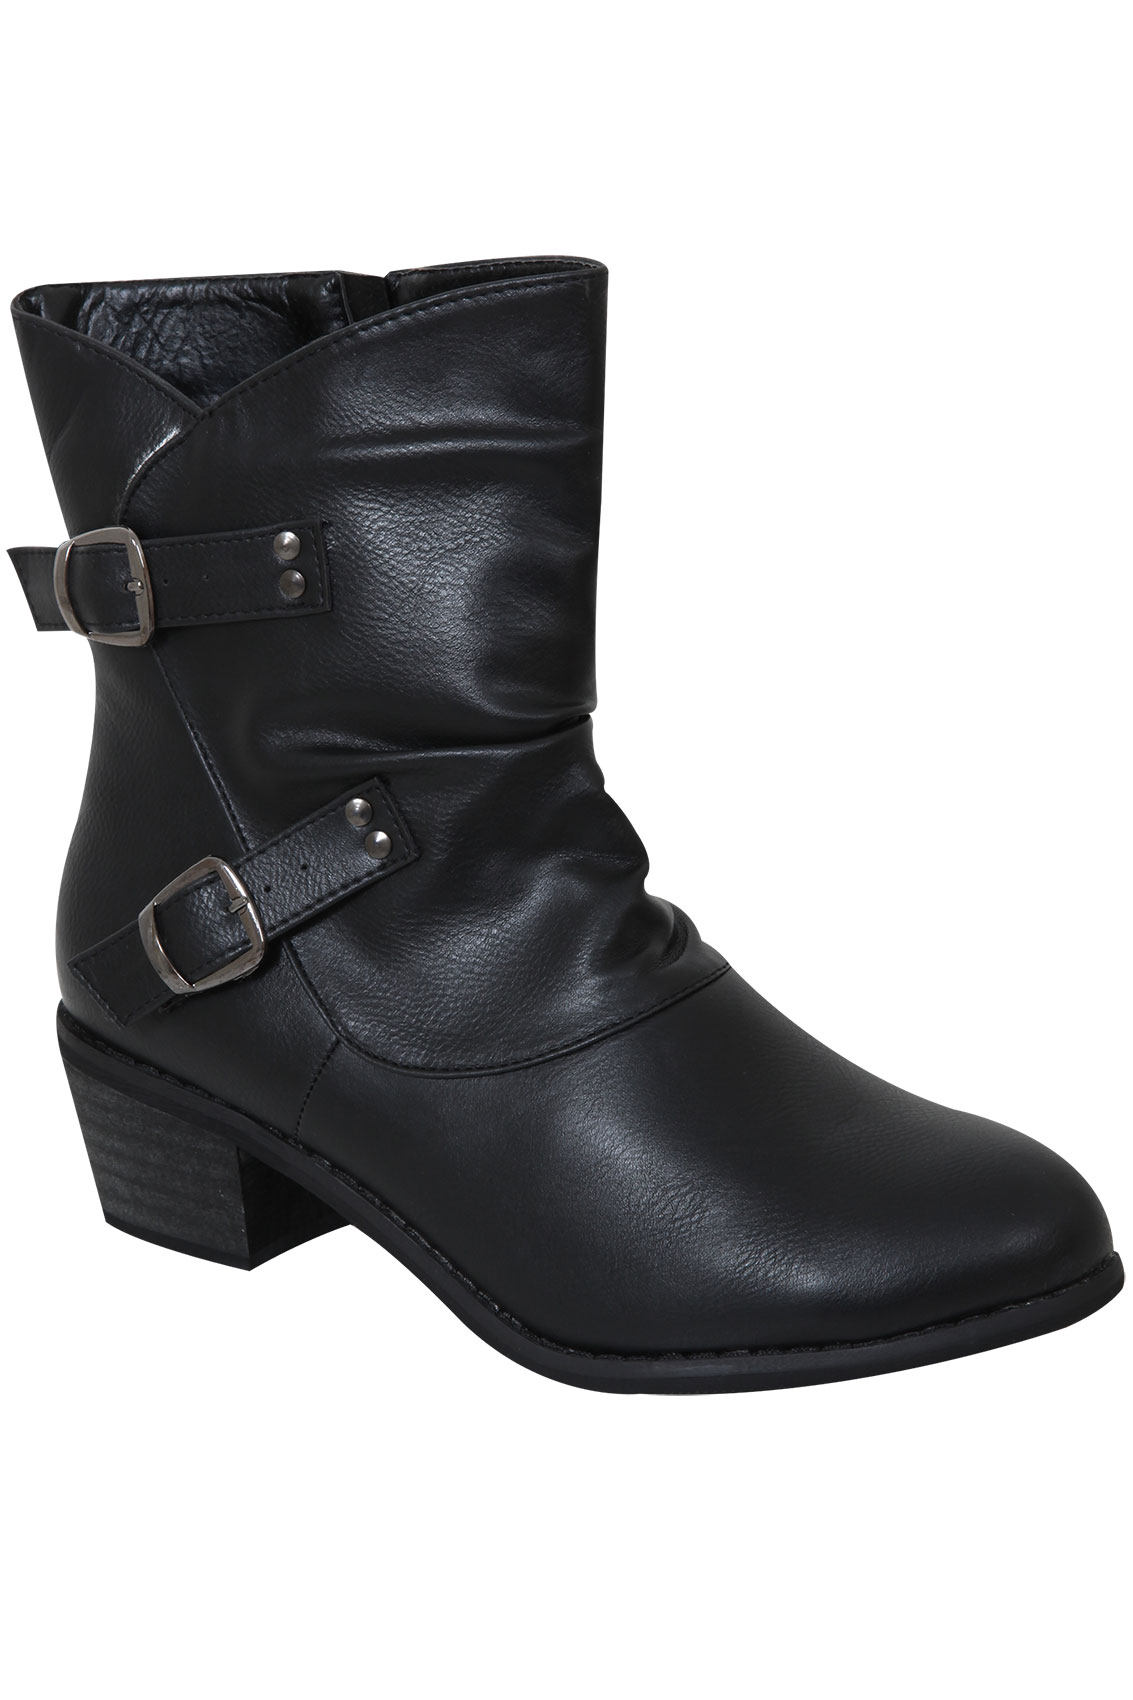 black ankle boot with buckle eee fit 4eee 5eee 6eee